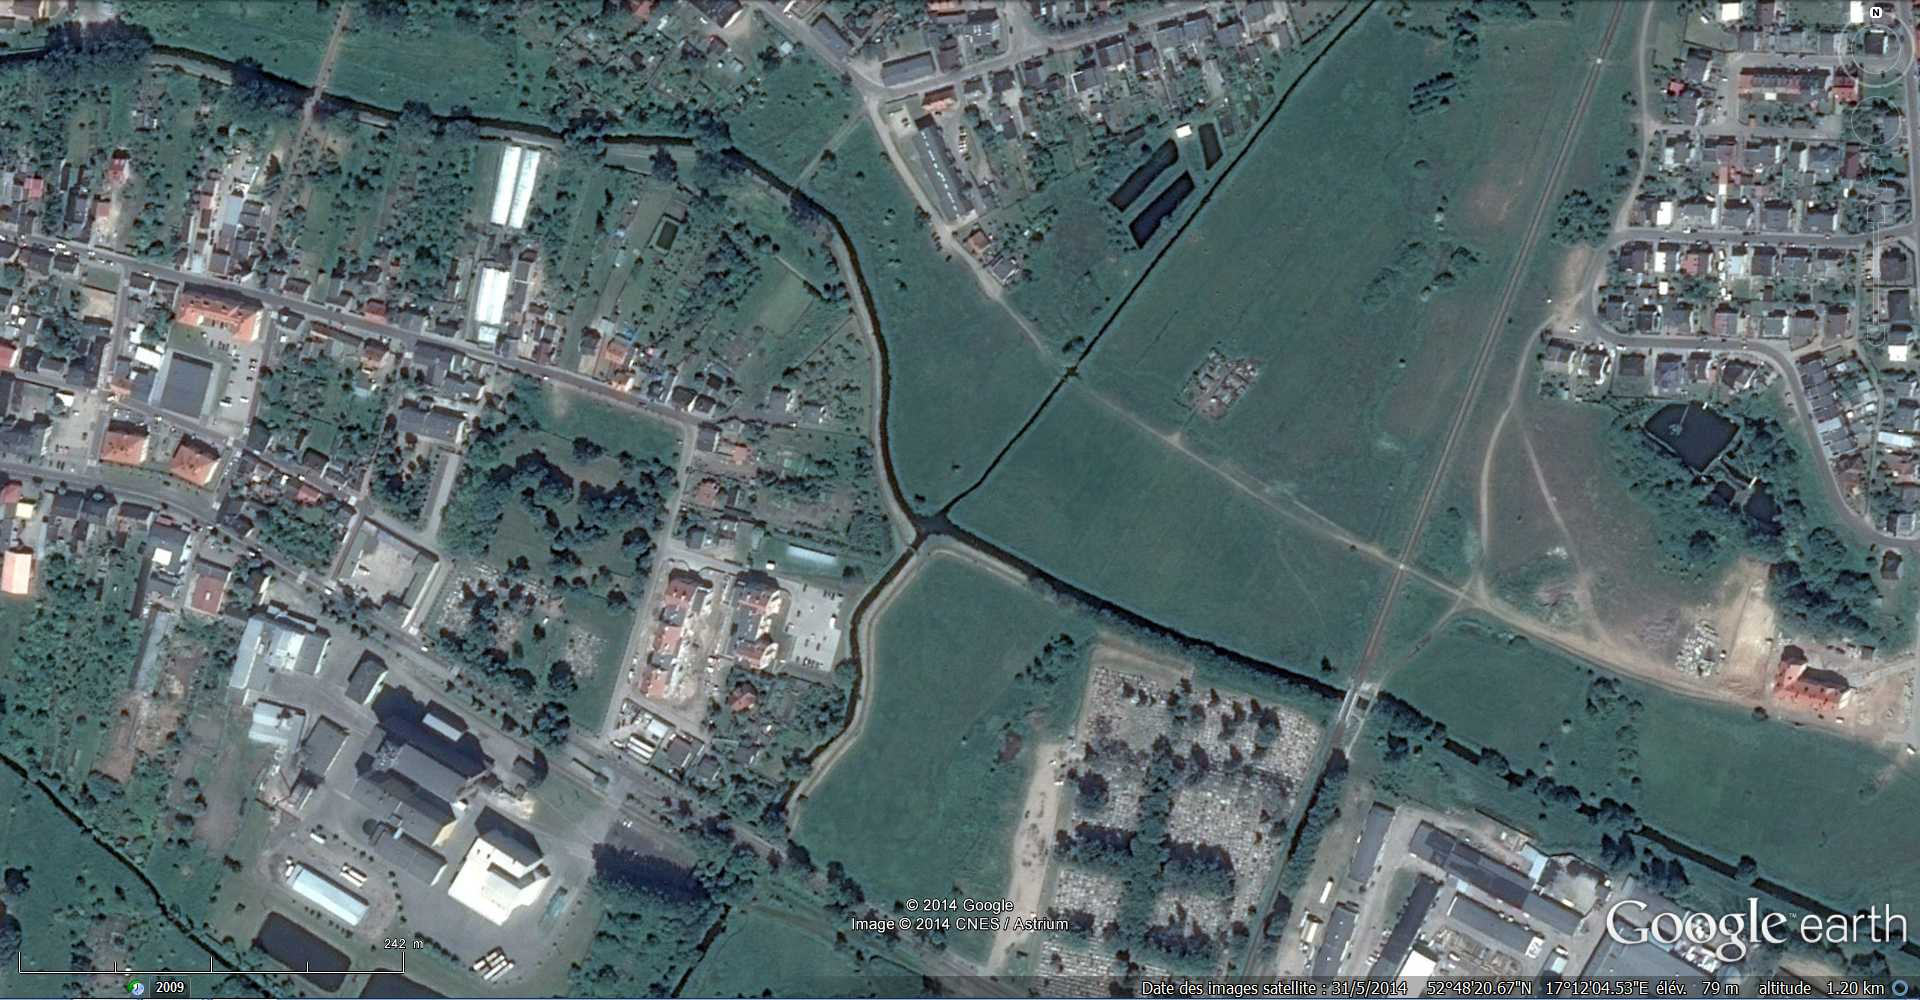 Croisement de rivières sans mélange des eaux - Wagrowiec - Pologne 2014-114